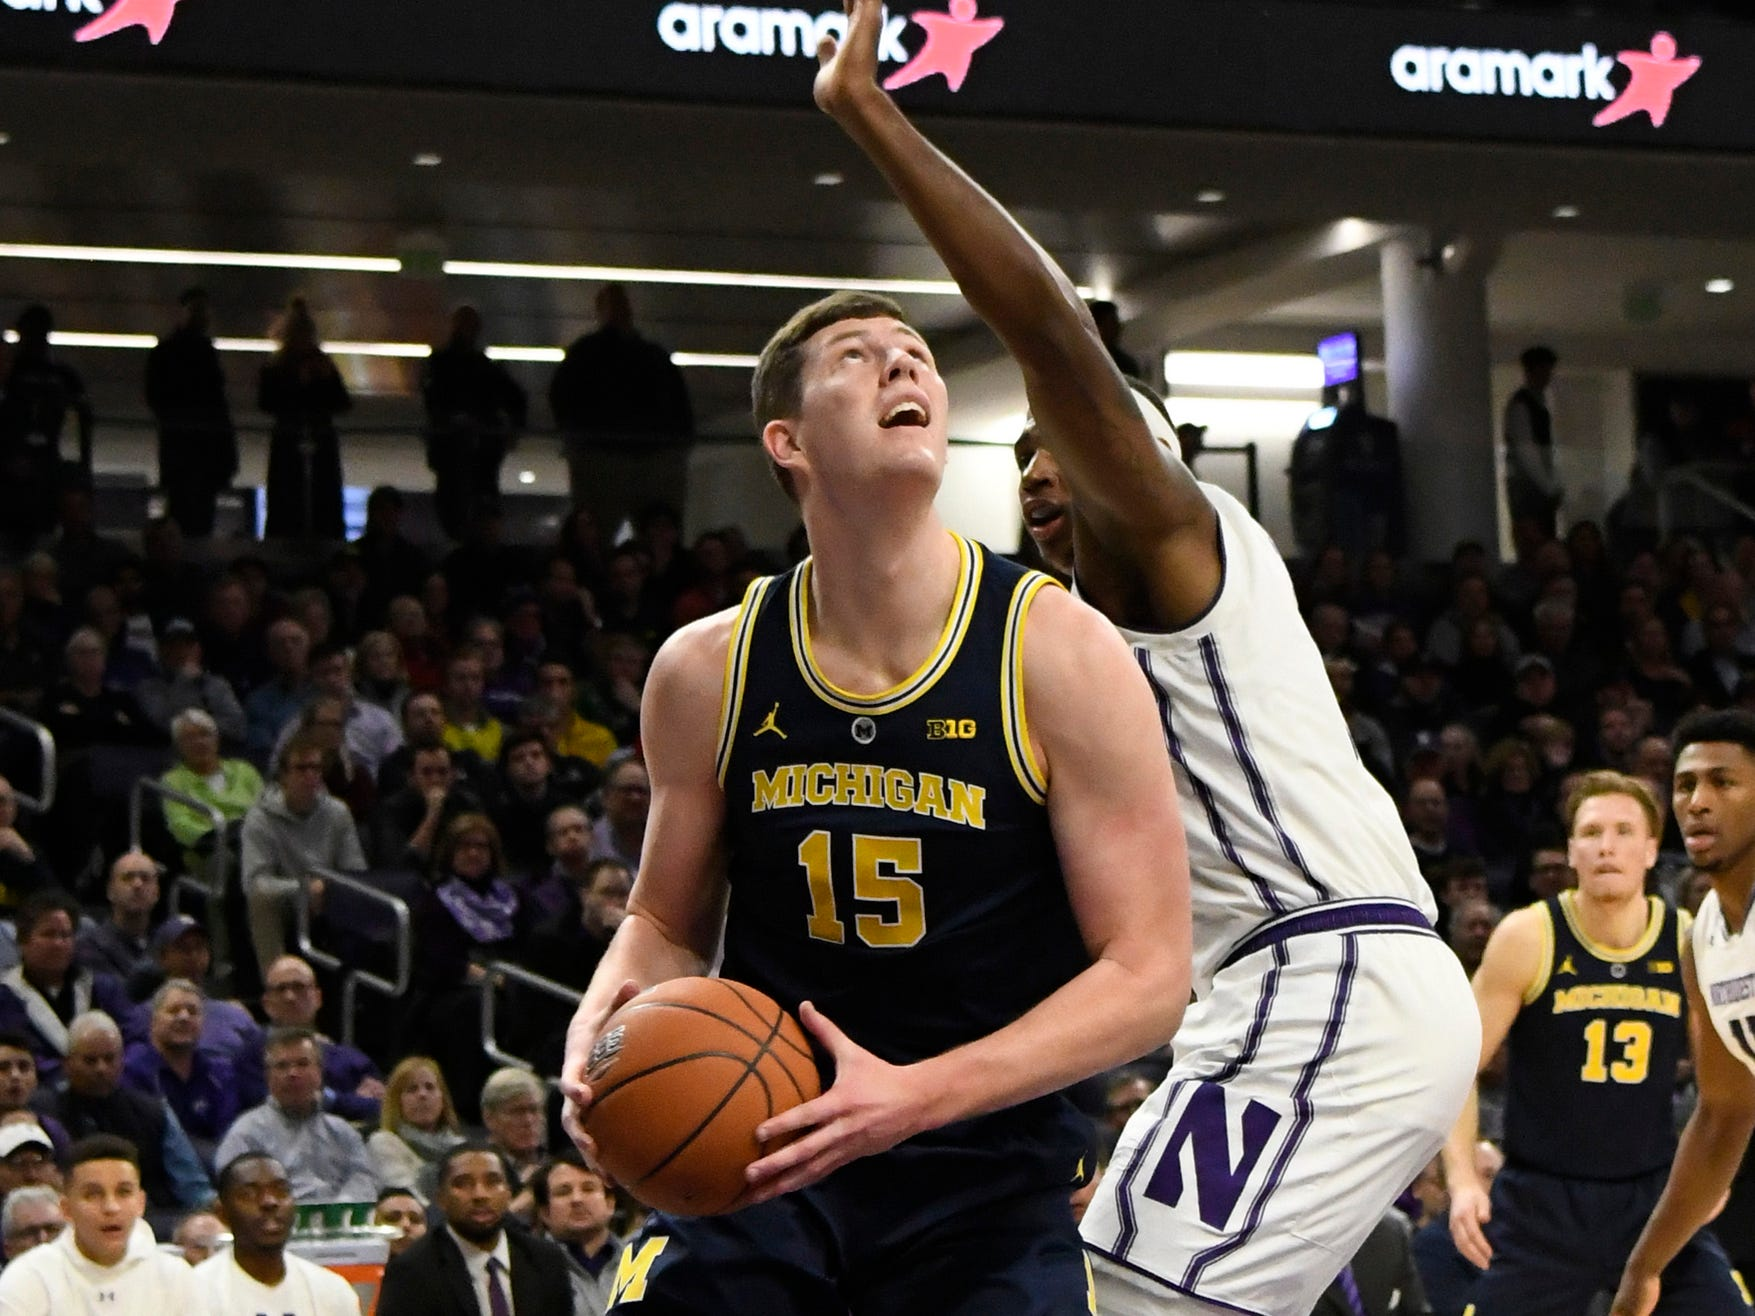 Michigan center Jon Teske is defended by Northwestern center Dererk Pardon during the first half at Welsh-Ryan Arena, Dec. 4, 2018 in Evanston, Ill.